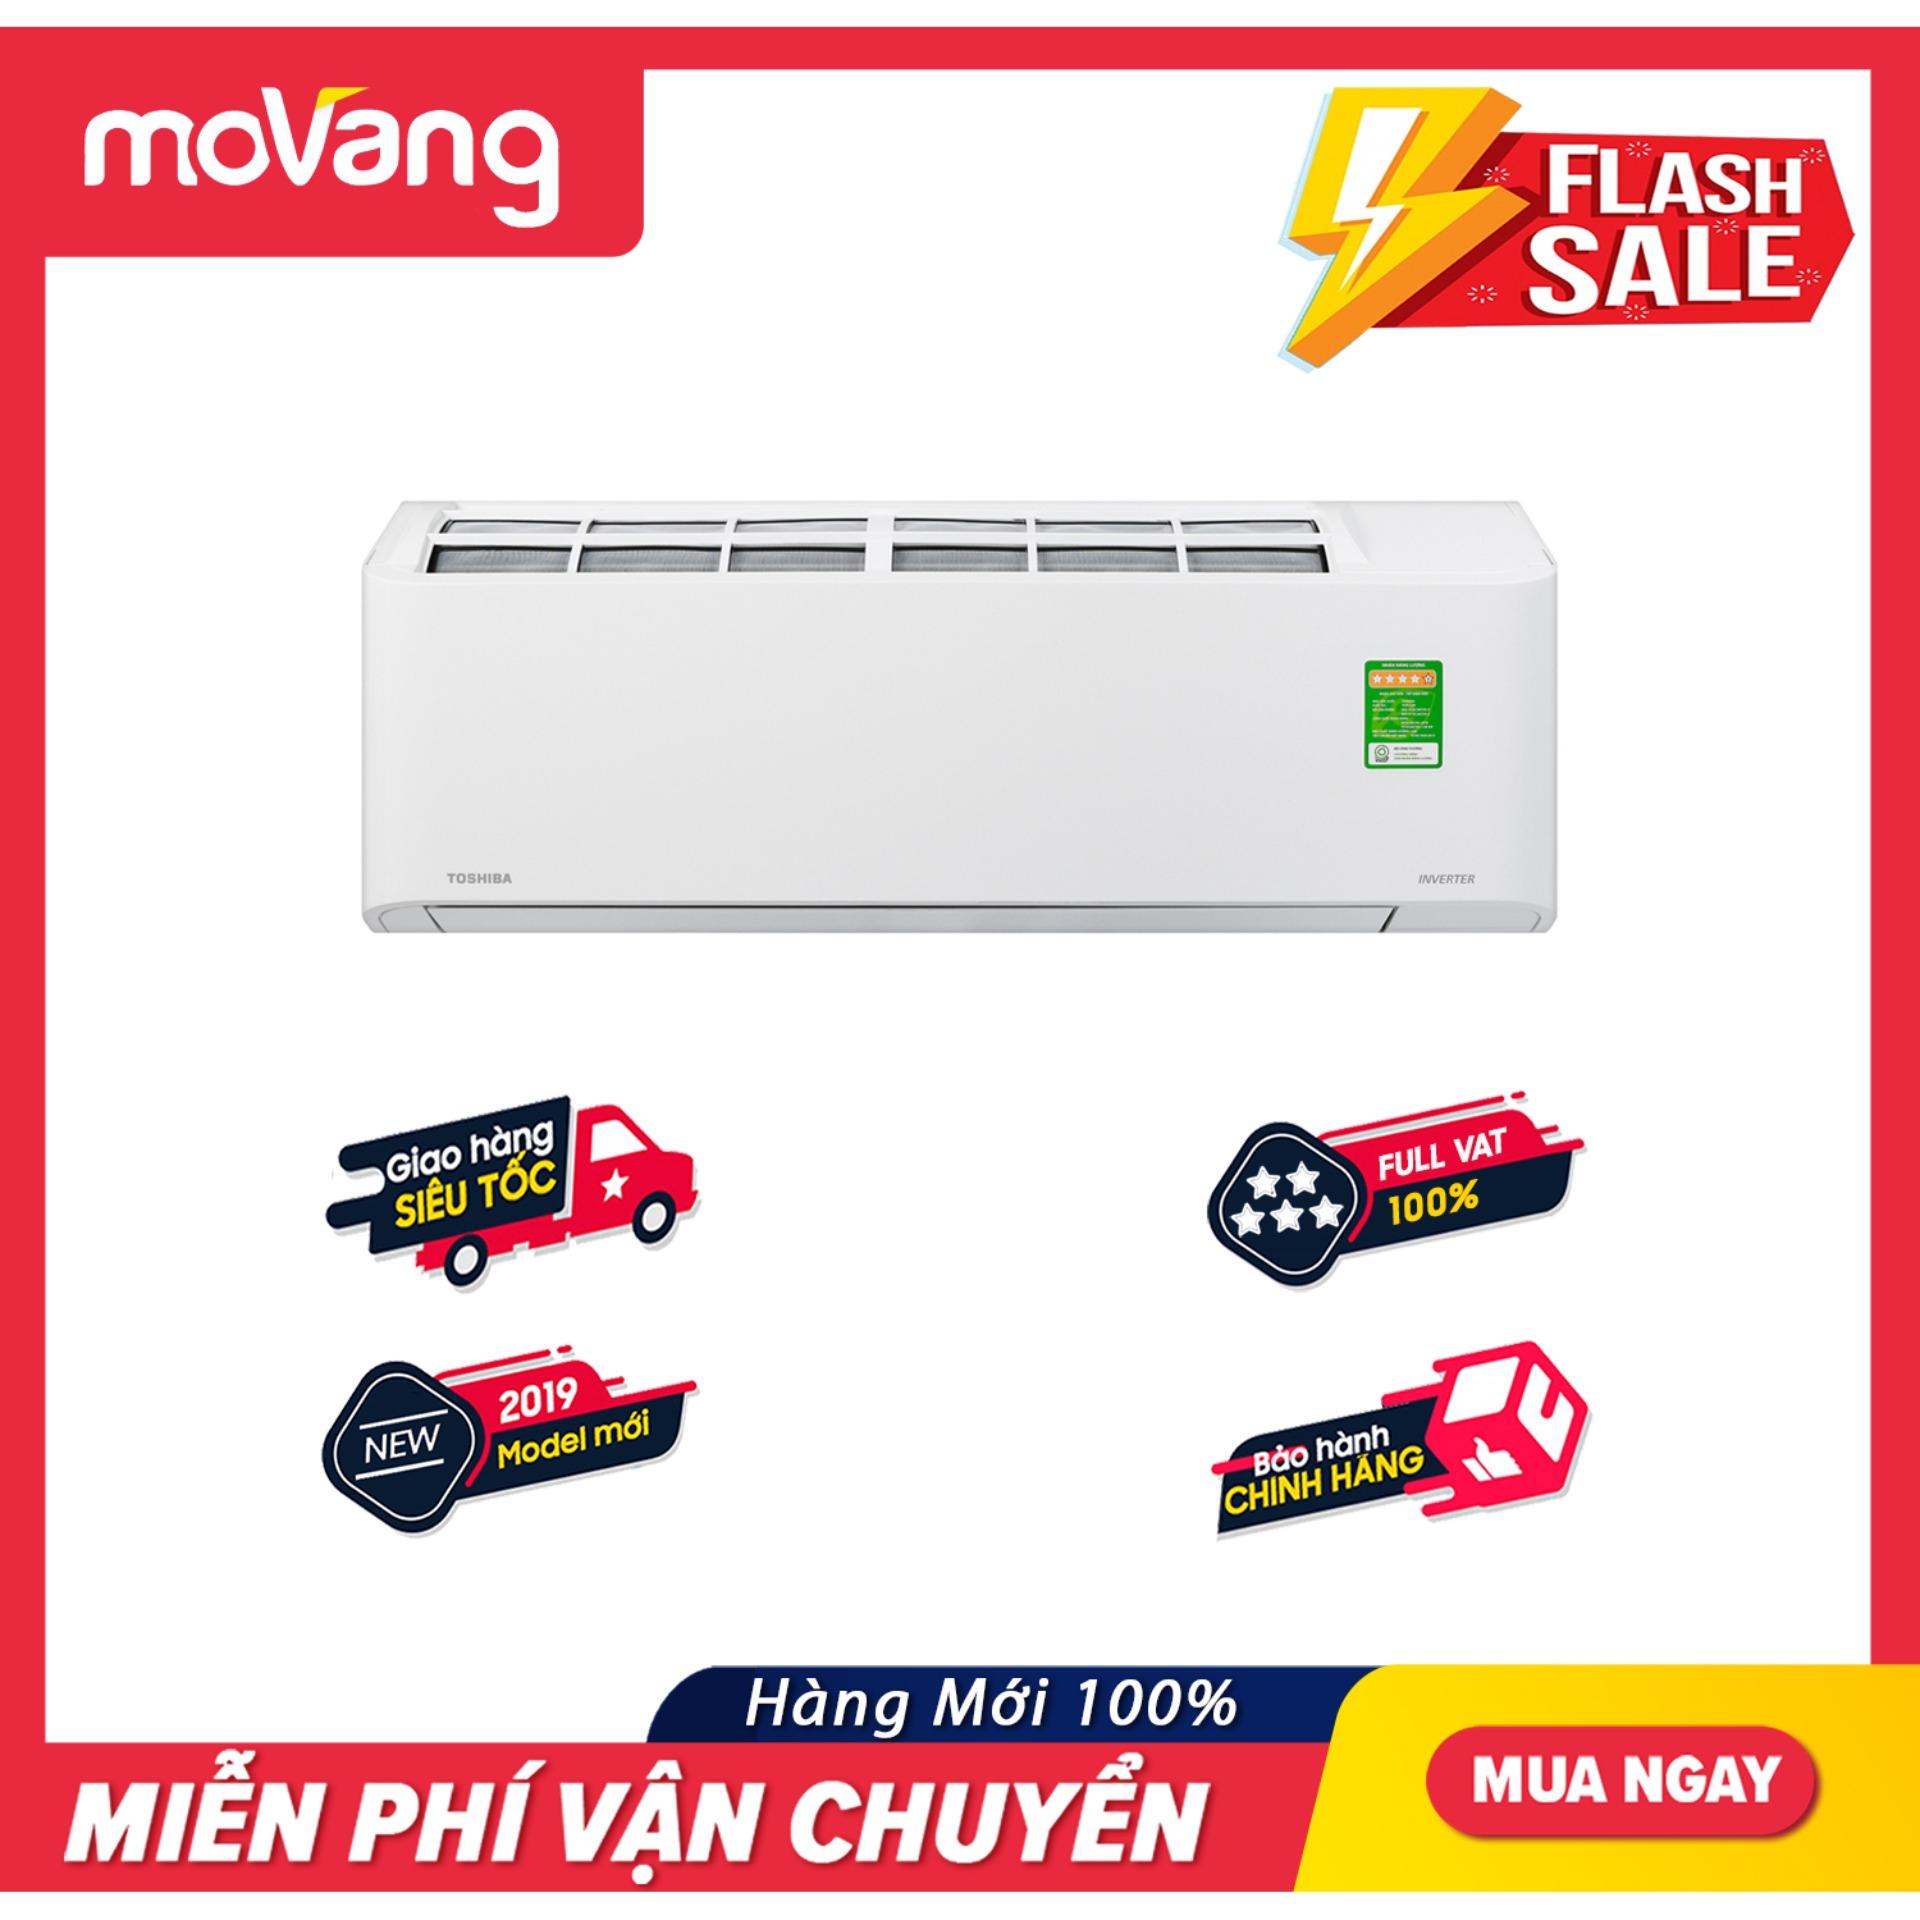 Bảng giá Máy lạnh Toshiba Inverter 1.5 HP RAS-H13C2KCVG-V (2020) - Loại máy:Điều hoà 1 chiều - Chế độ tiết kiệm điện:DC Hybrid Inverter, Eco - Chế độ làm lạnh:Hi Power Điện máy Pico